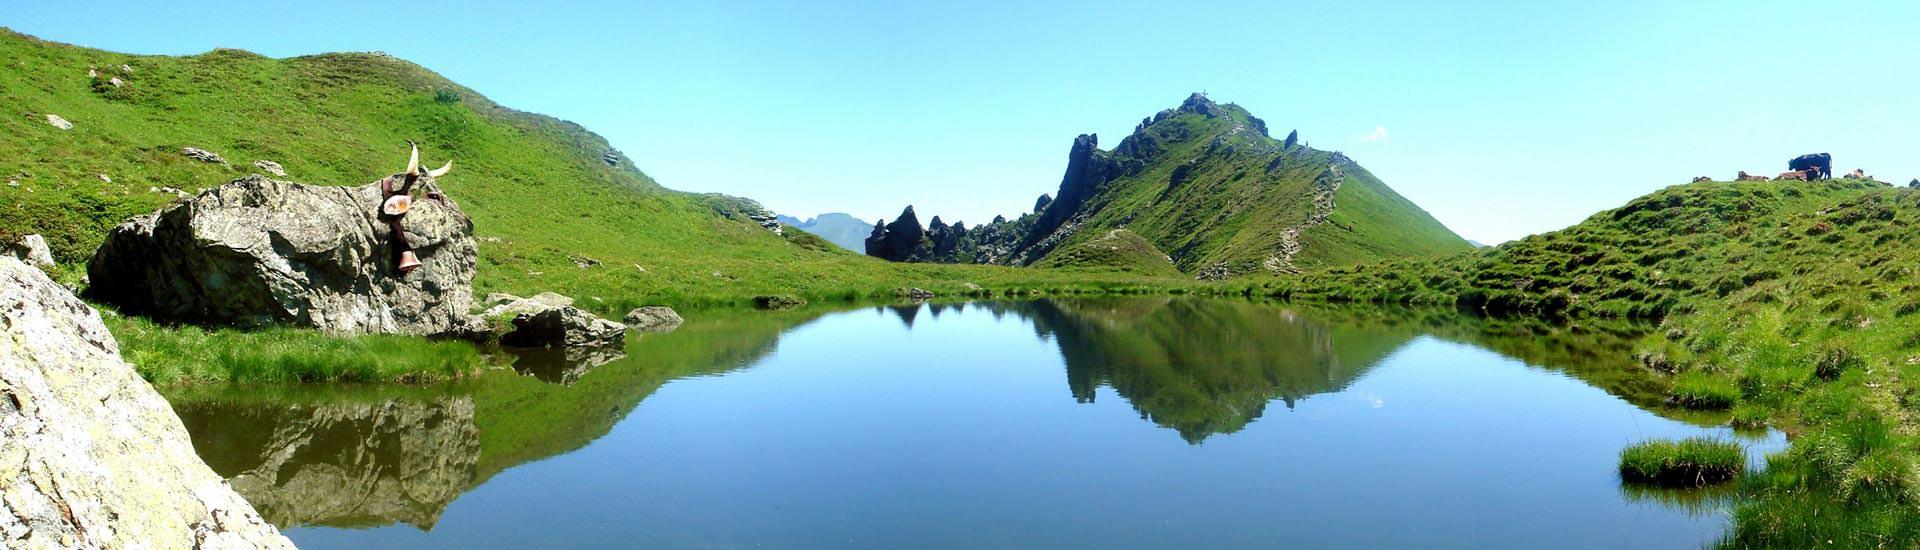 Hotle Impuls Tirol Wandern